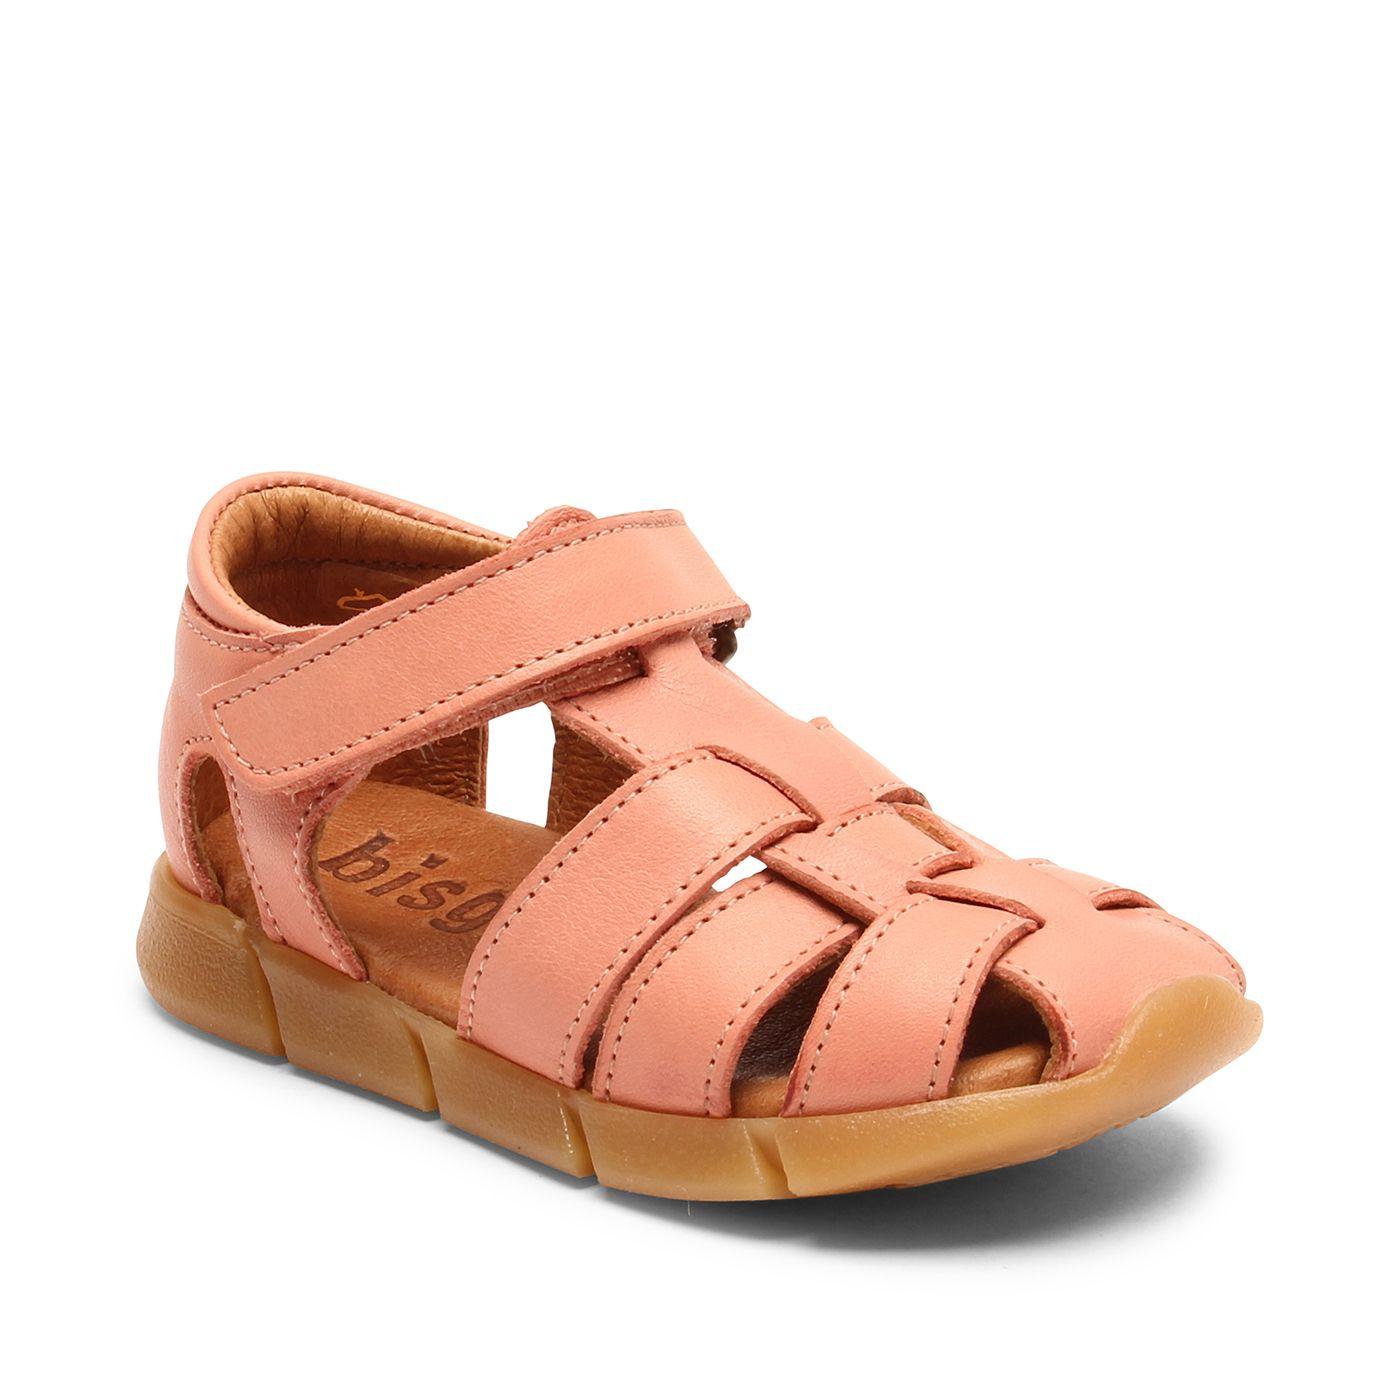 Bisgaard dětské kožené sandály 71250 - 1819